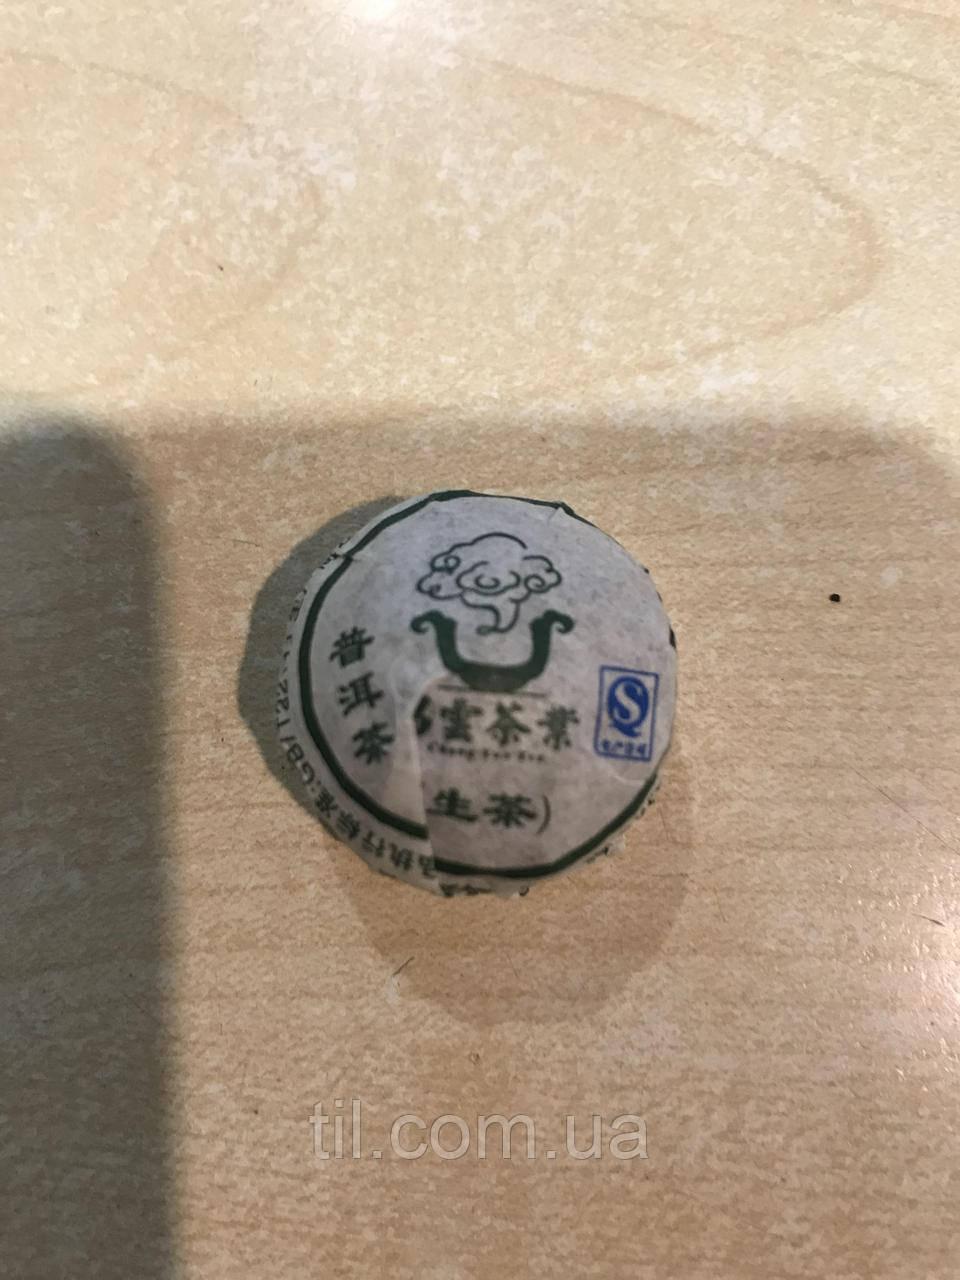 Китайский зеленый элитный Шен Пуэр  мини точа чай 20 шт